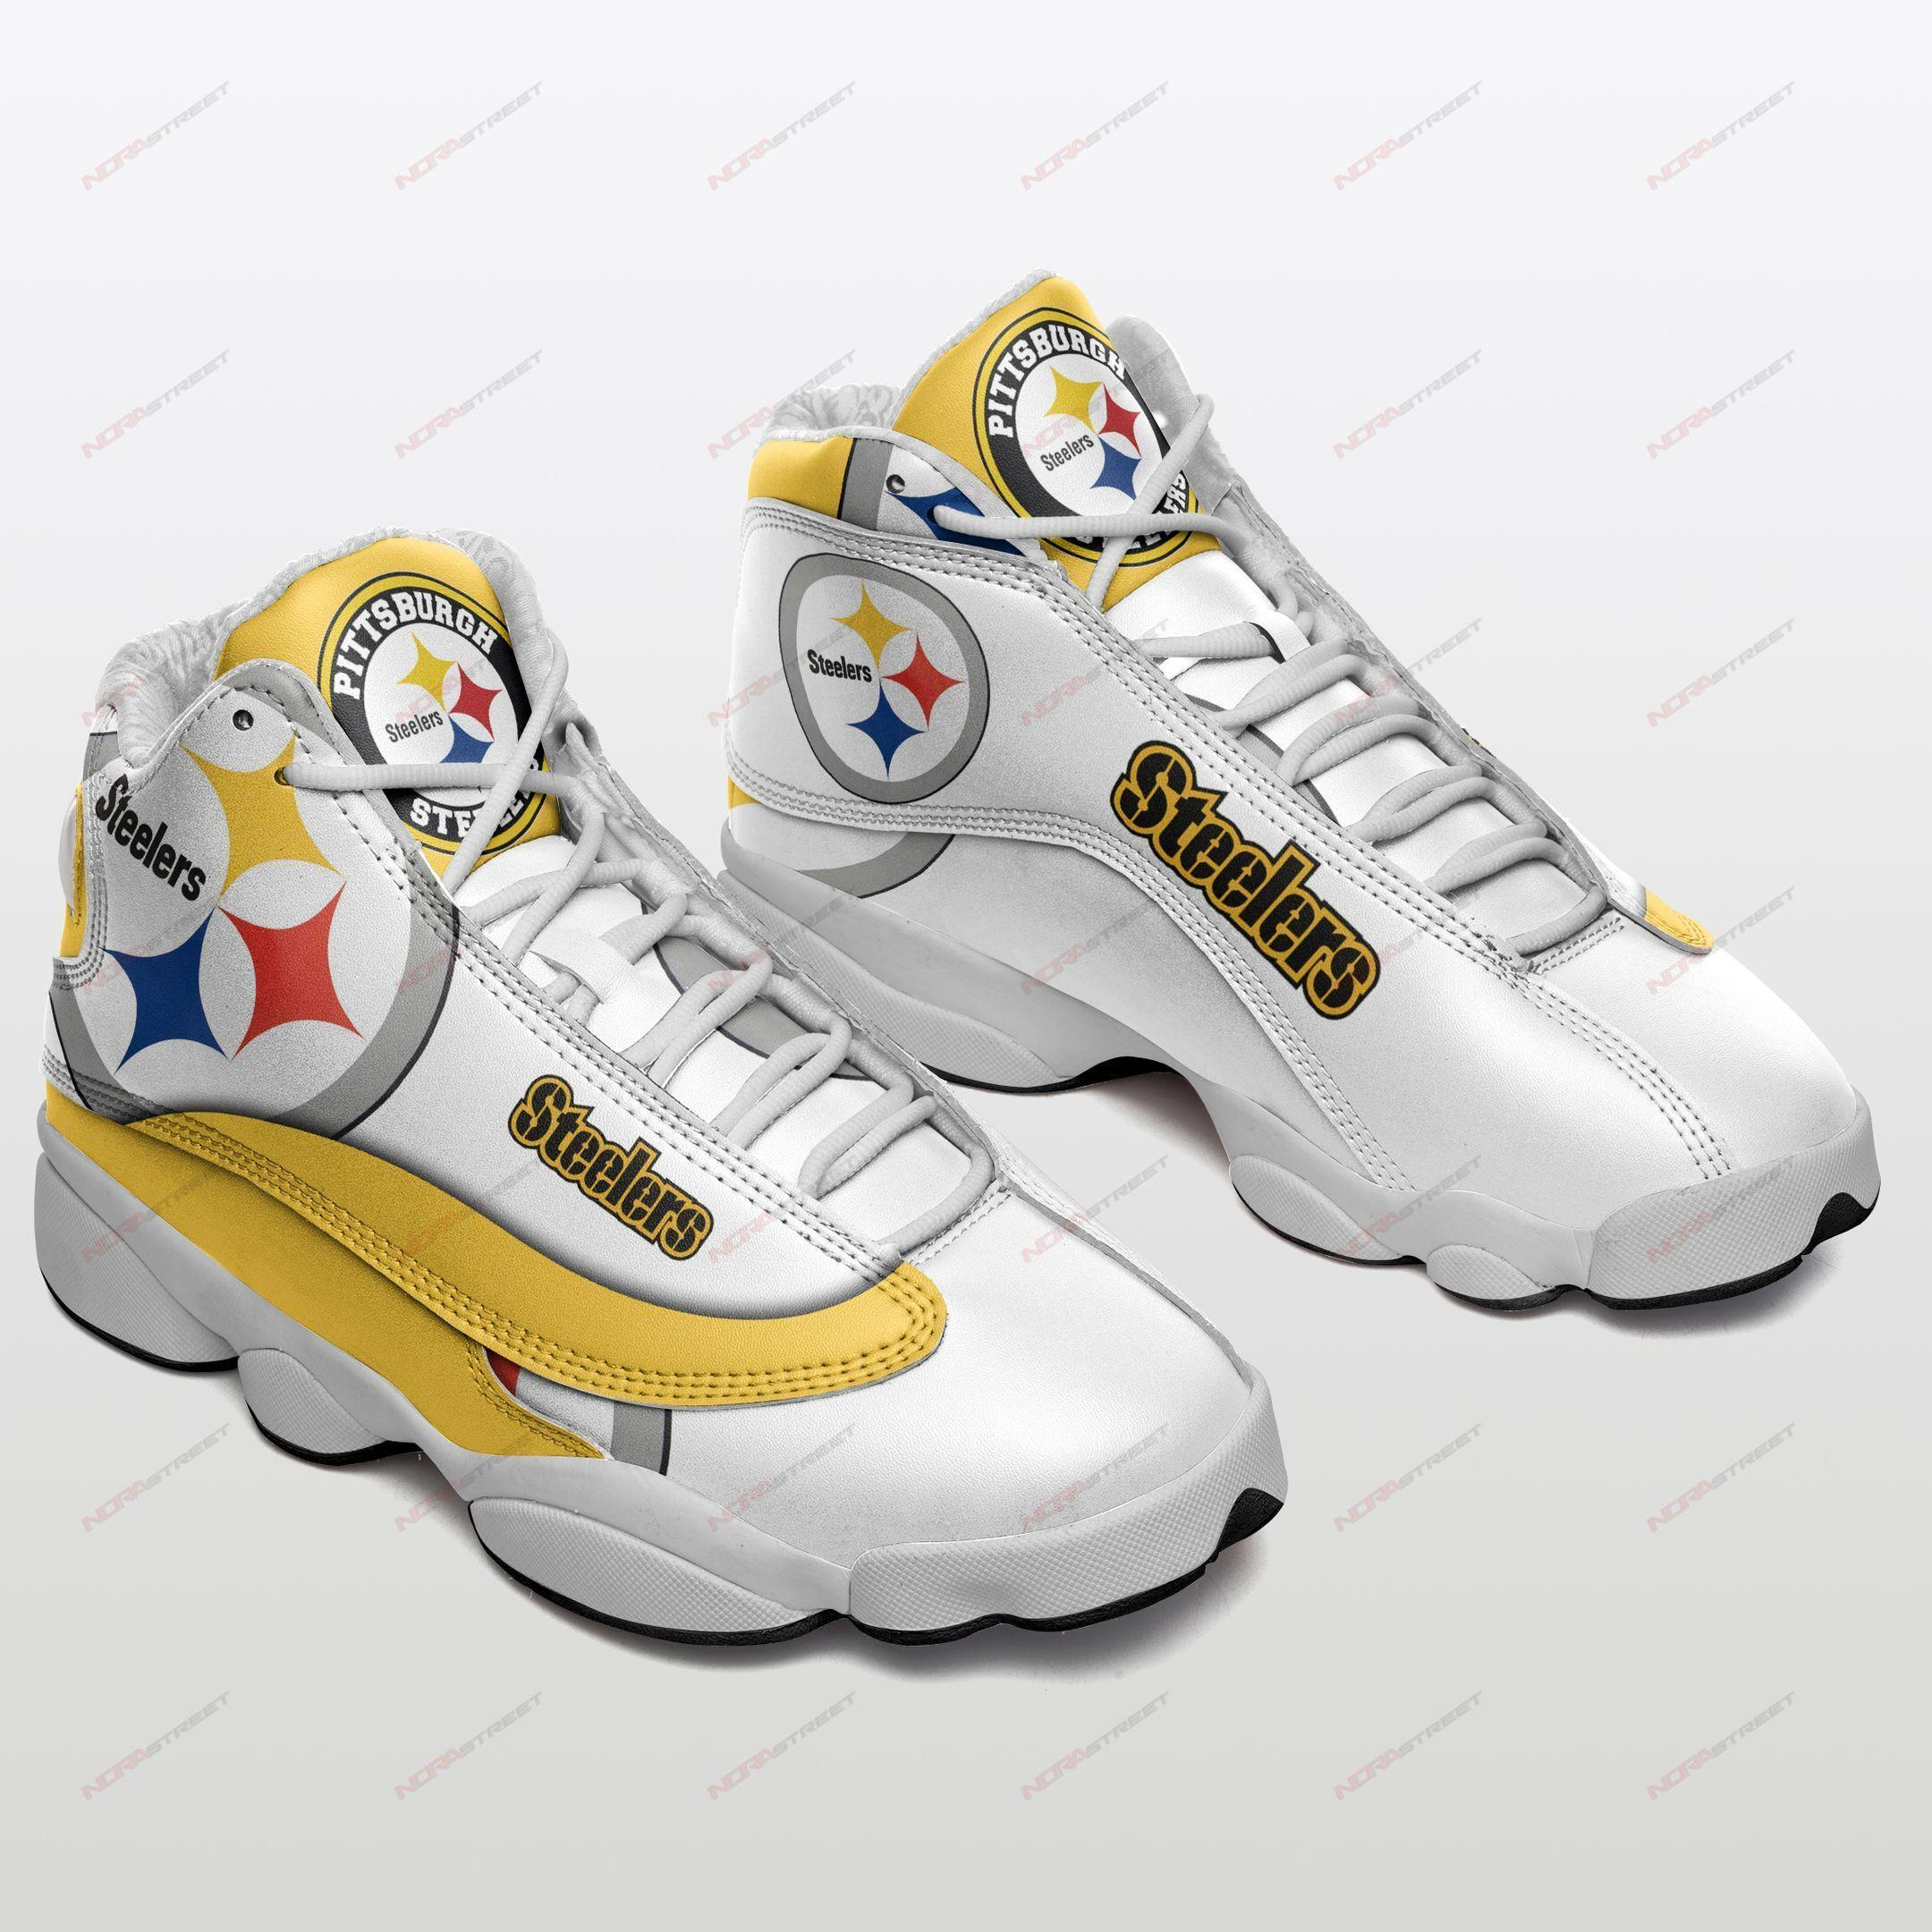 Pittsburgh Steelers Air Jordan 13 Sneakers Sport Shoes Plus Size